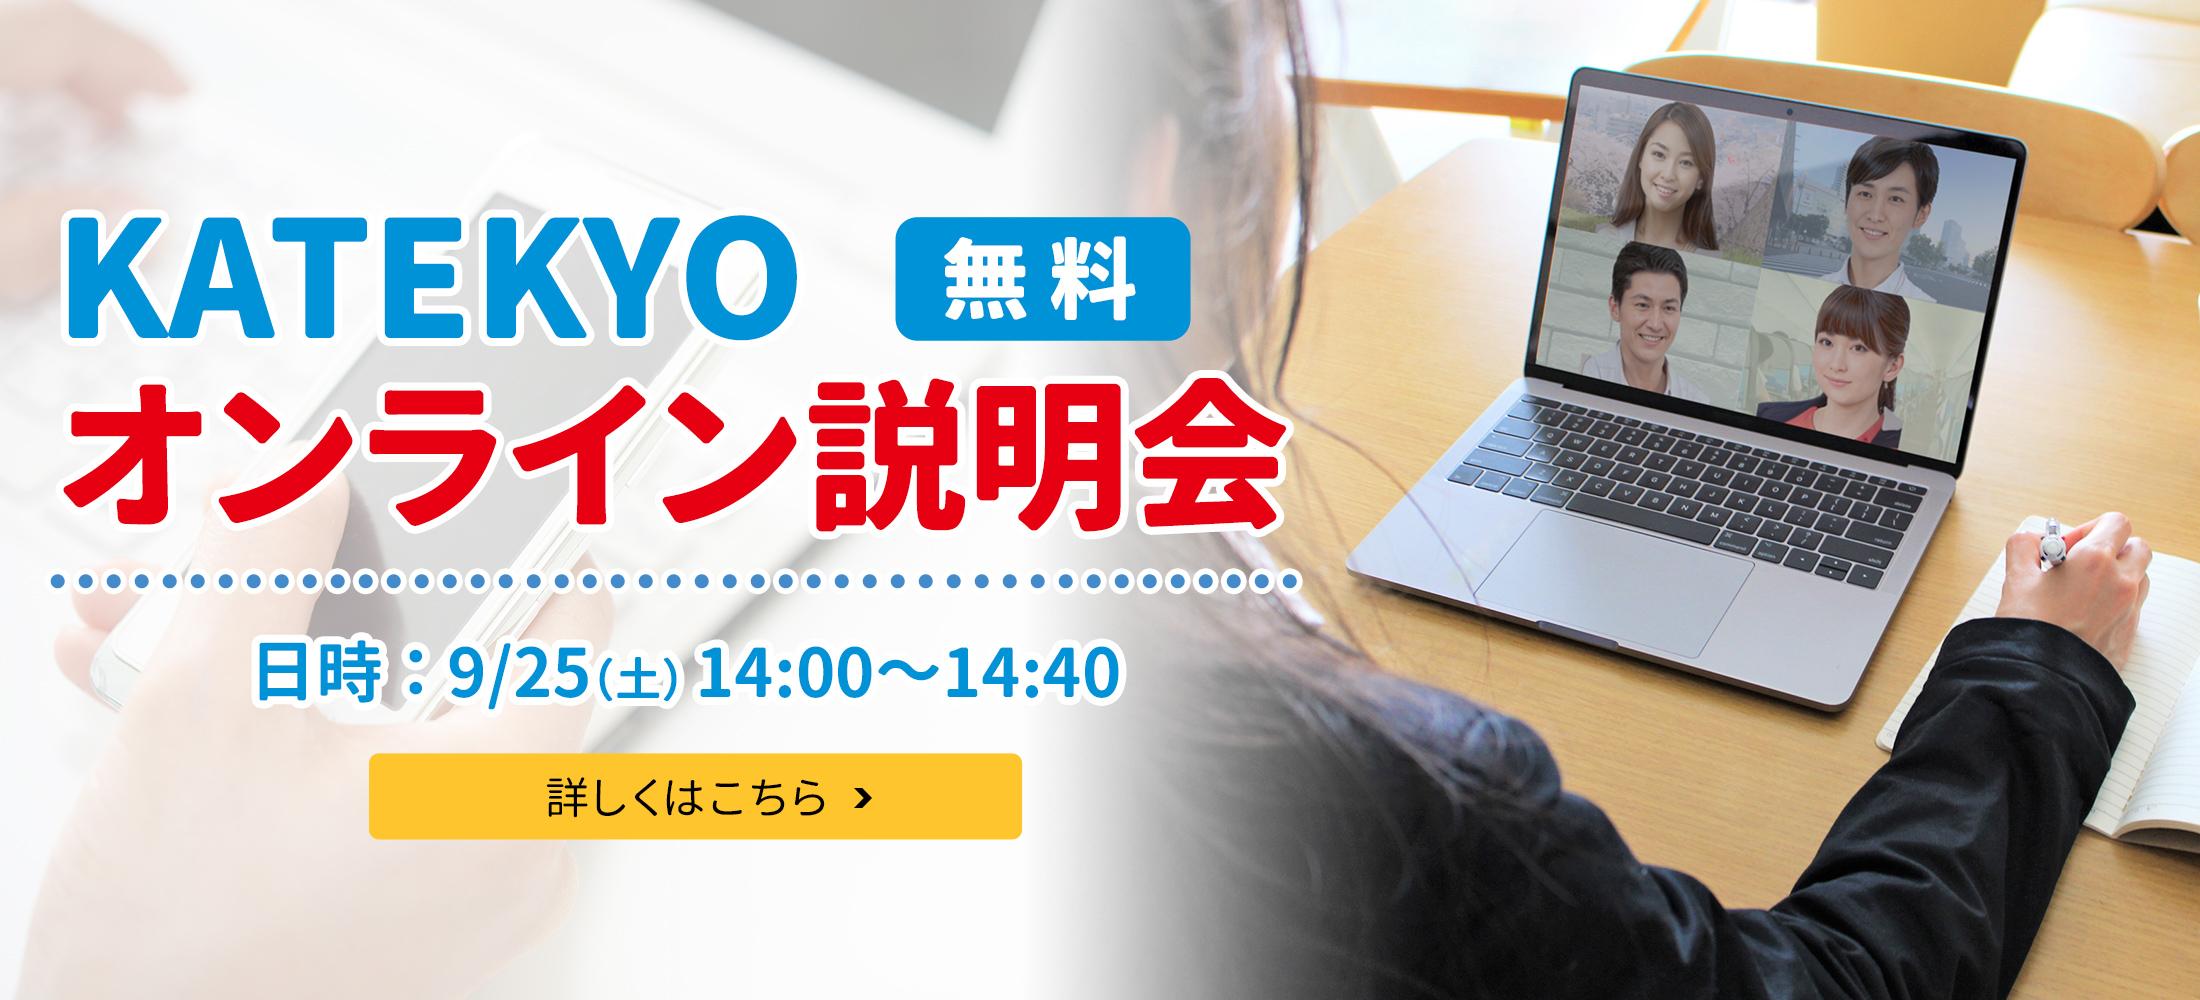 「KATEKYOオンライン説明会」のお知らせ